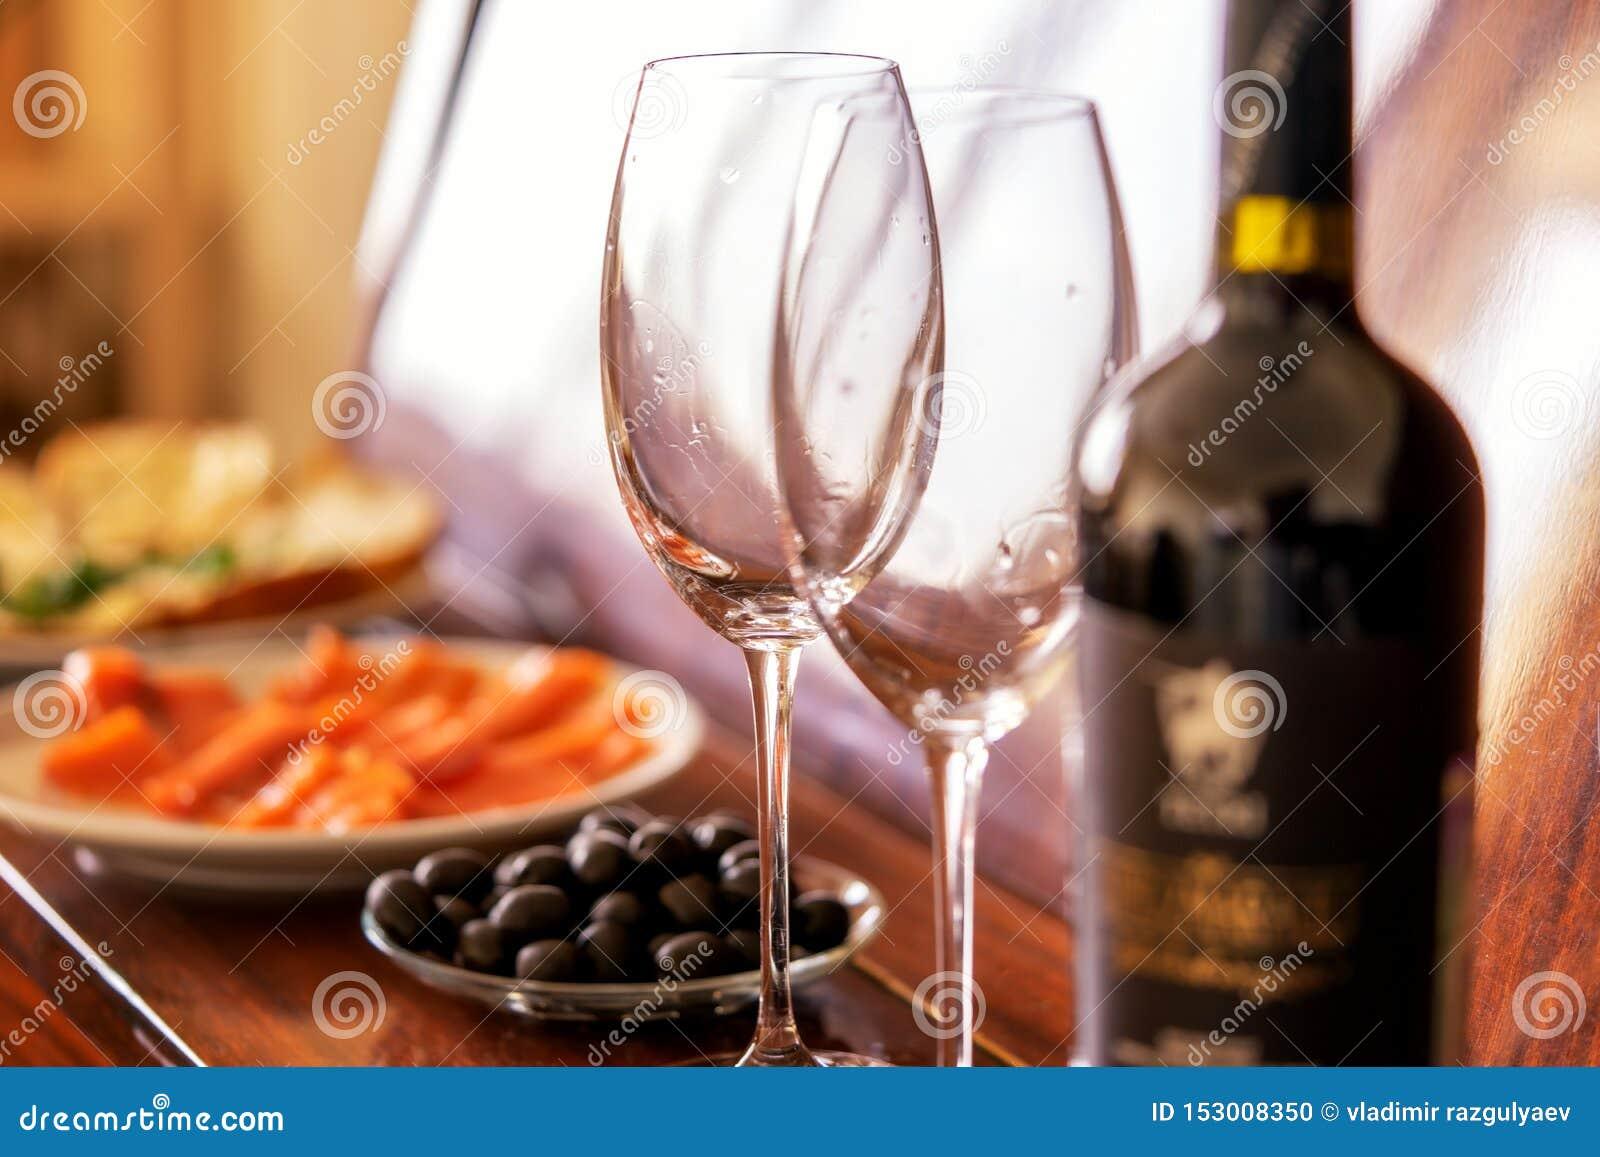 Jantar e vinho tinto românticos os pratos estão no piano: peixes, azeitonas, vidros